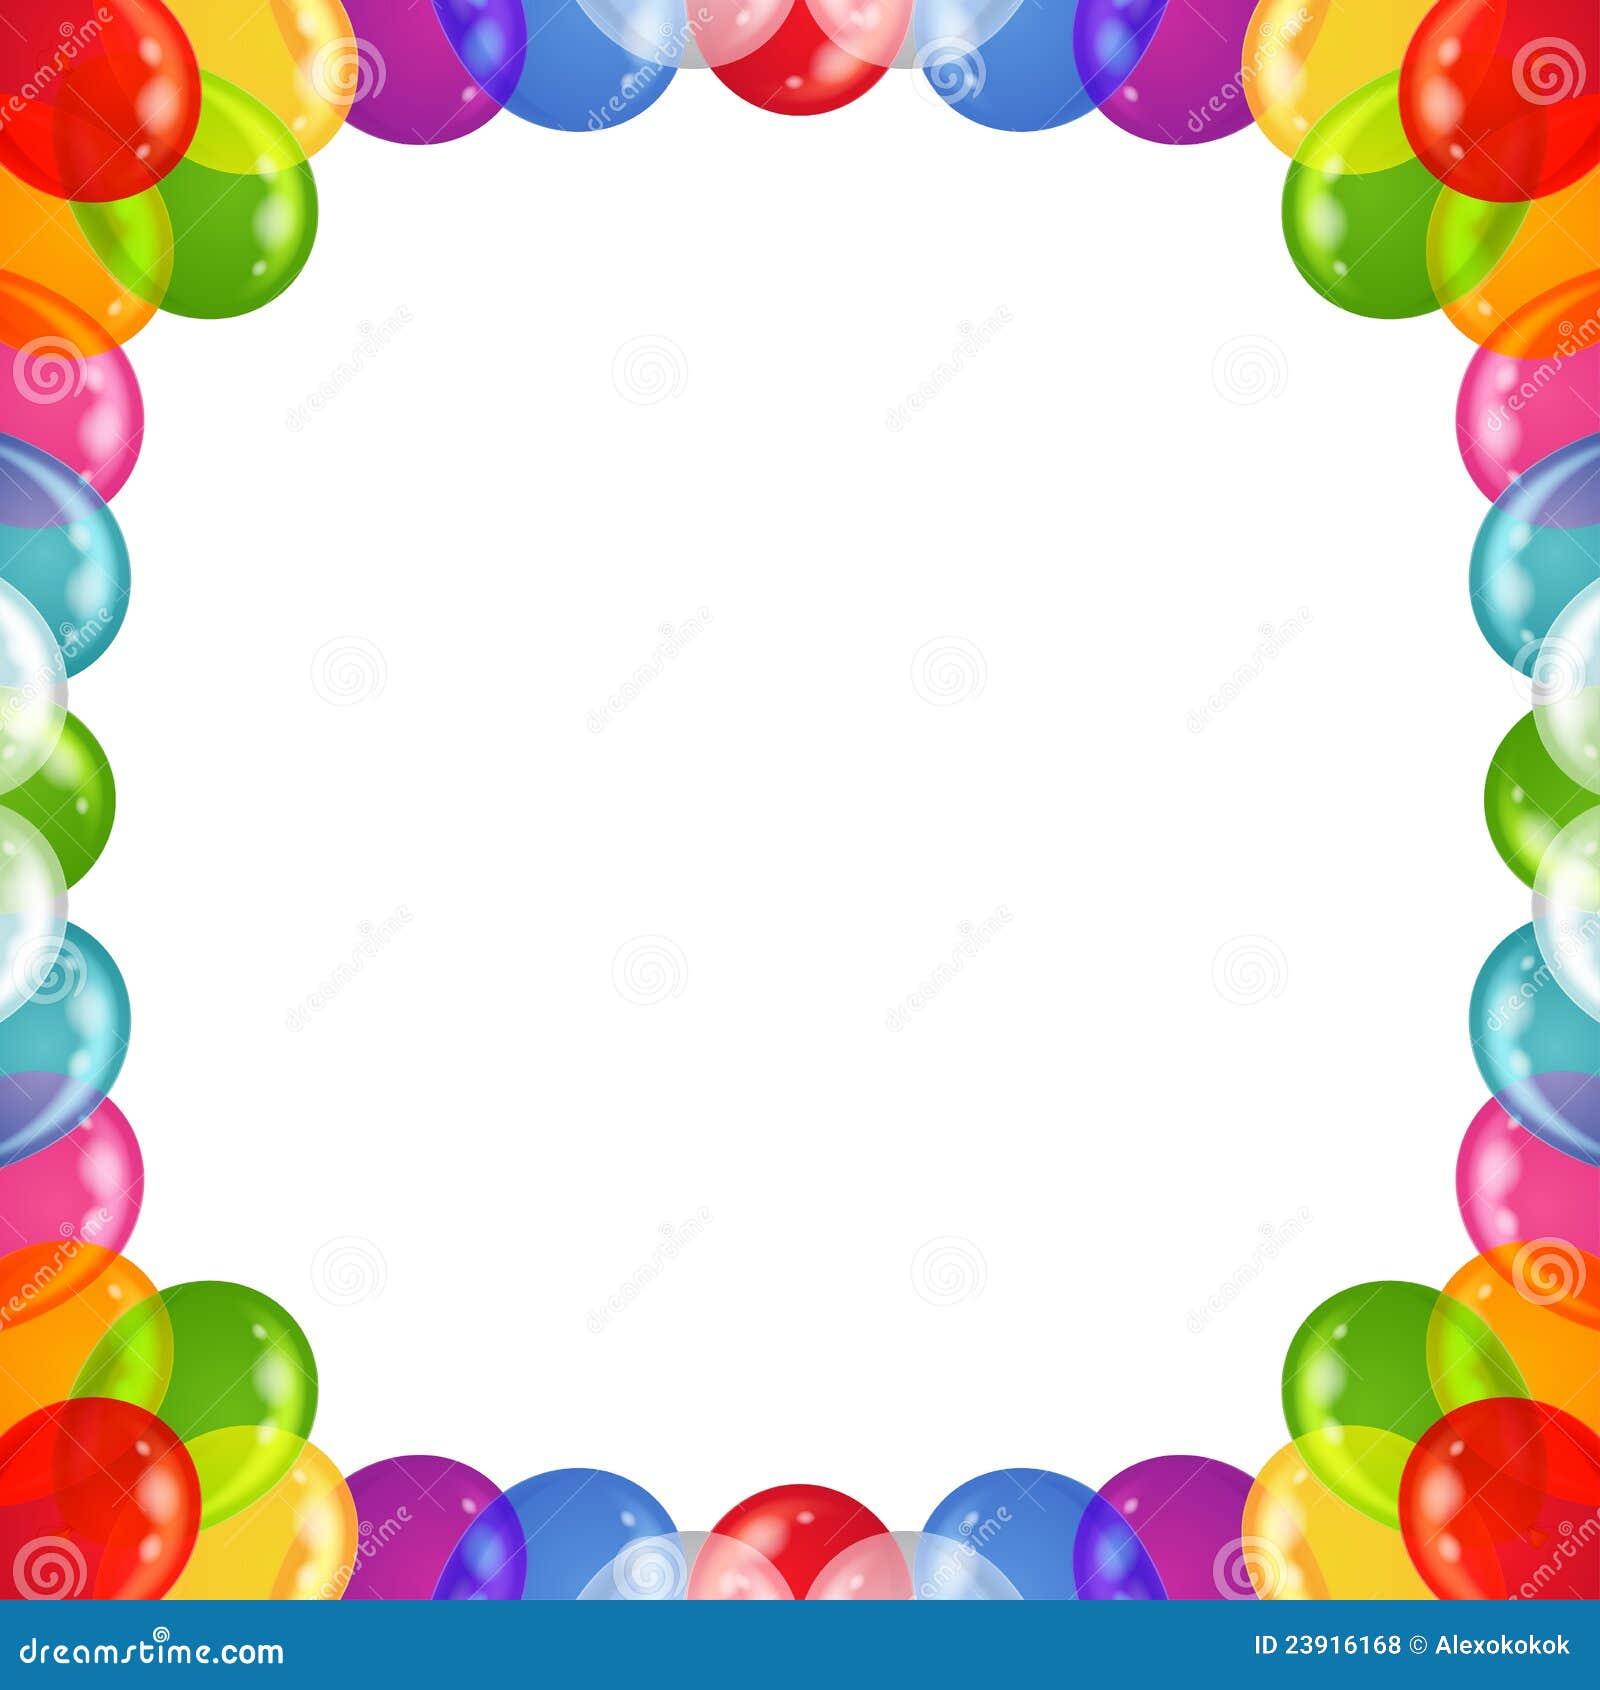 background balloons frame